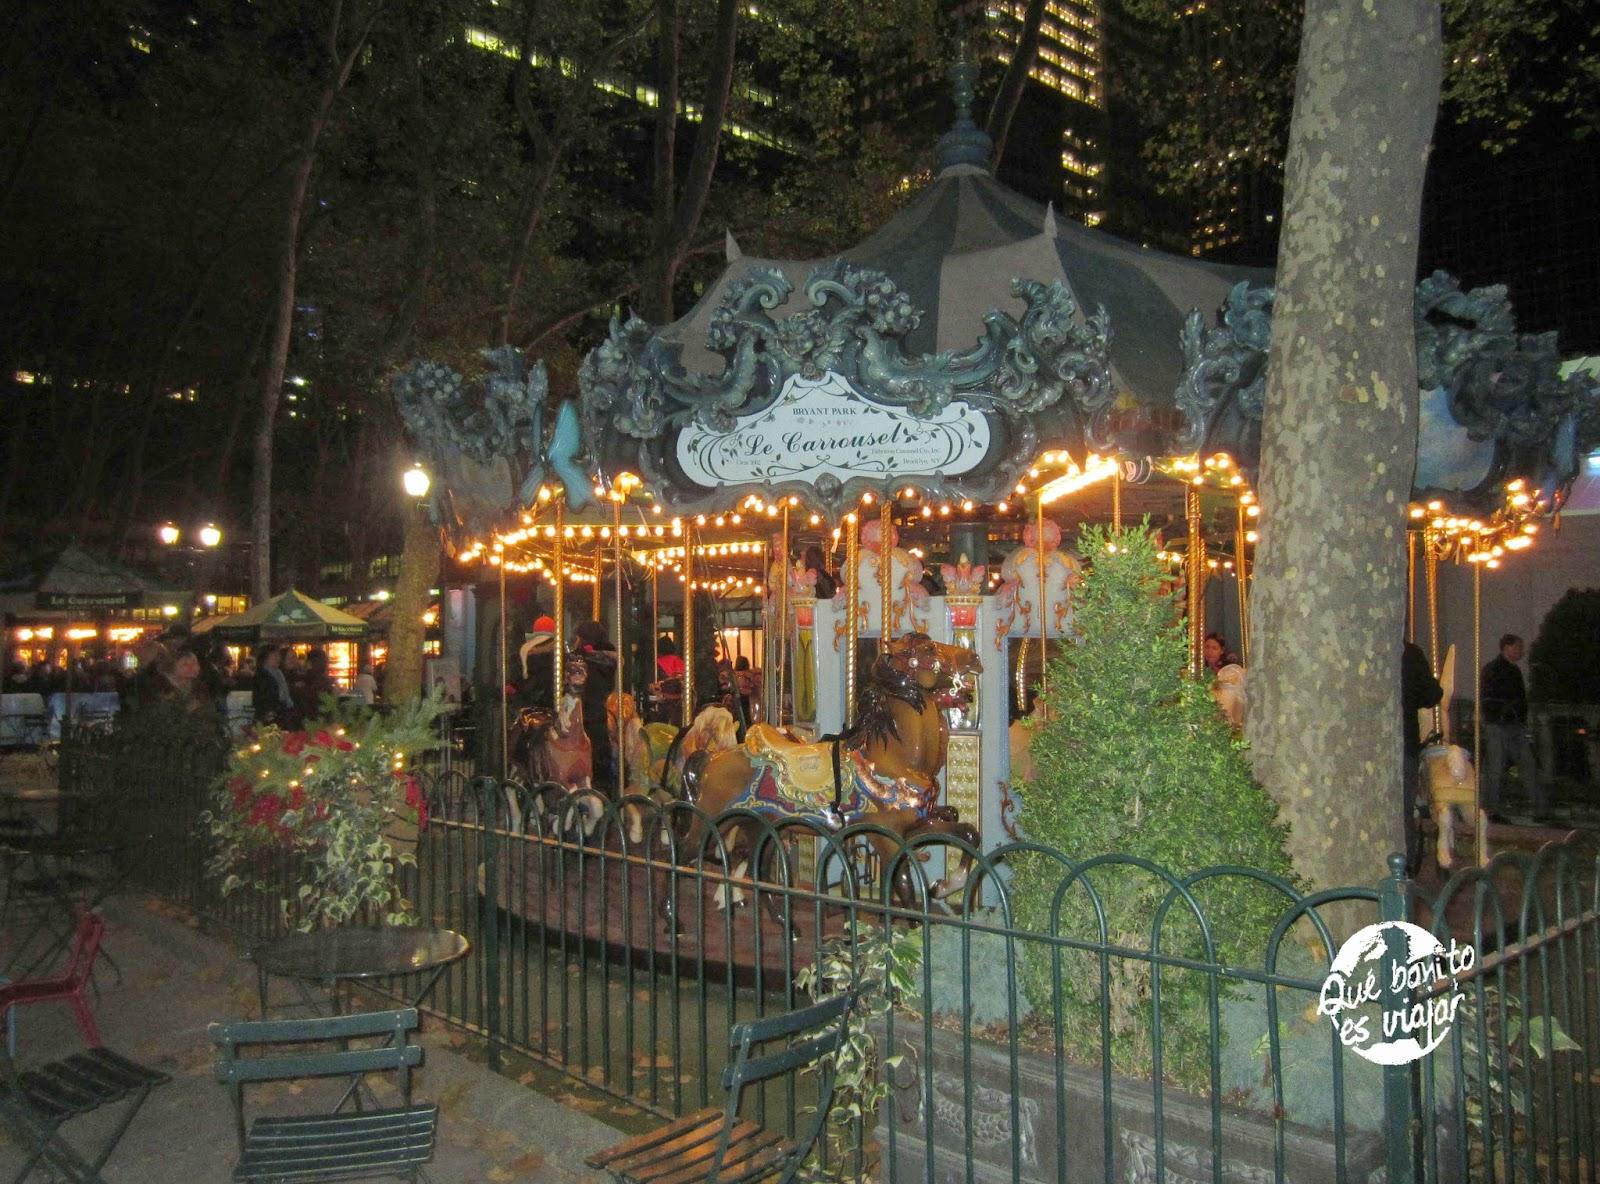 Mercado navideño de Bryant Park en NYC